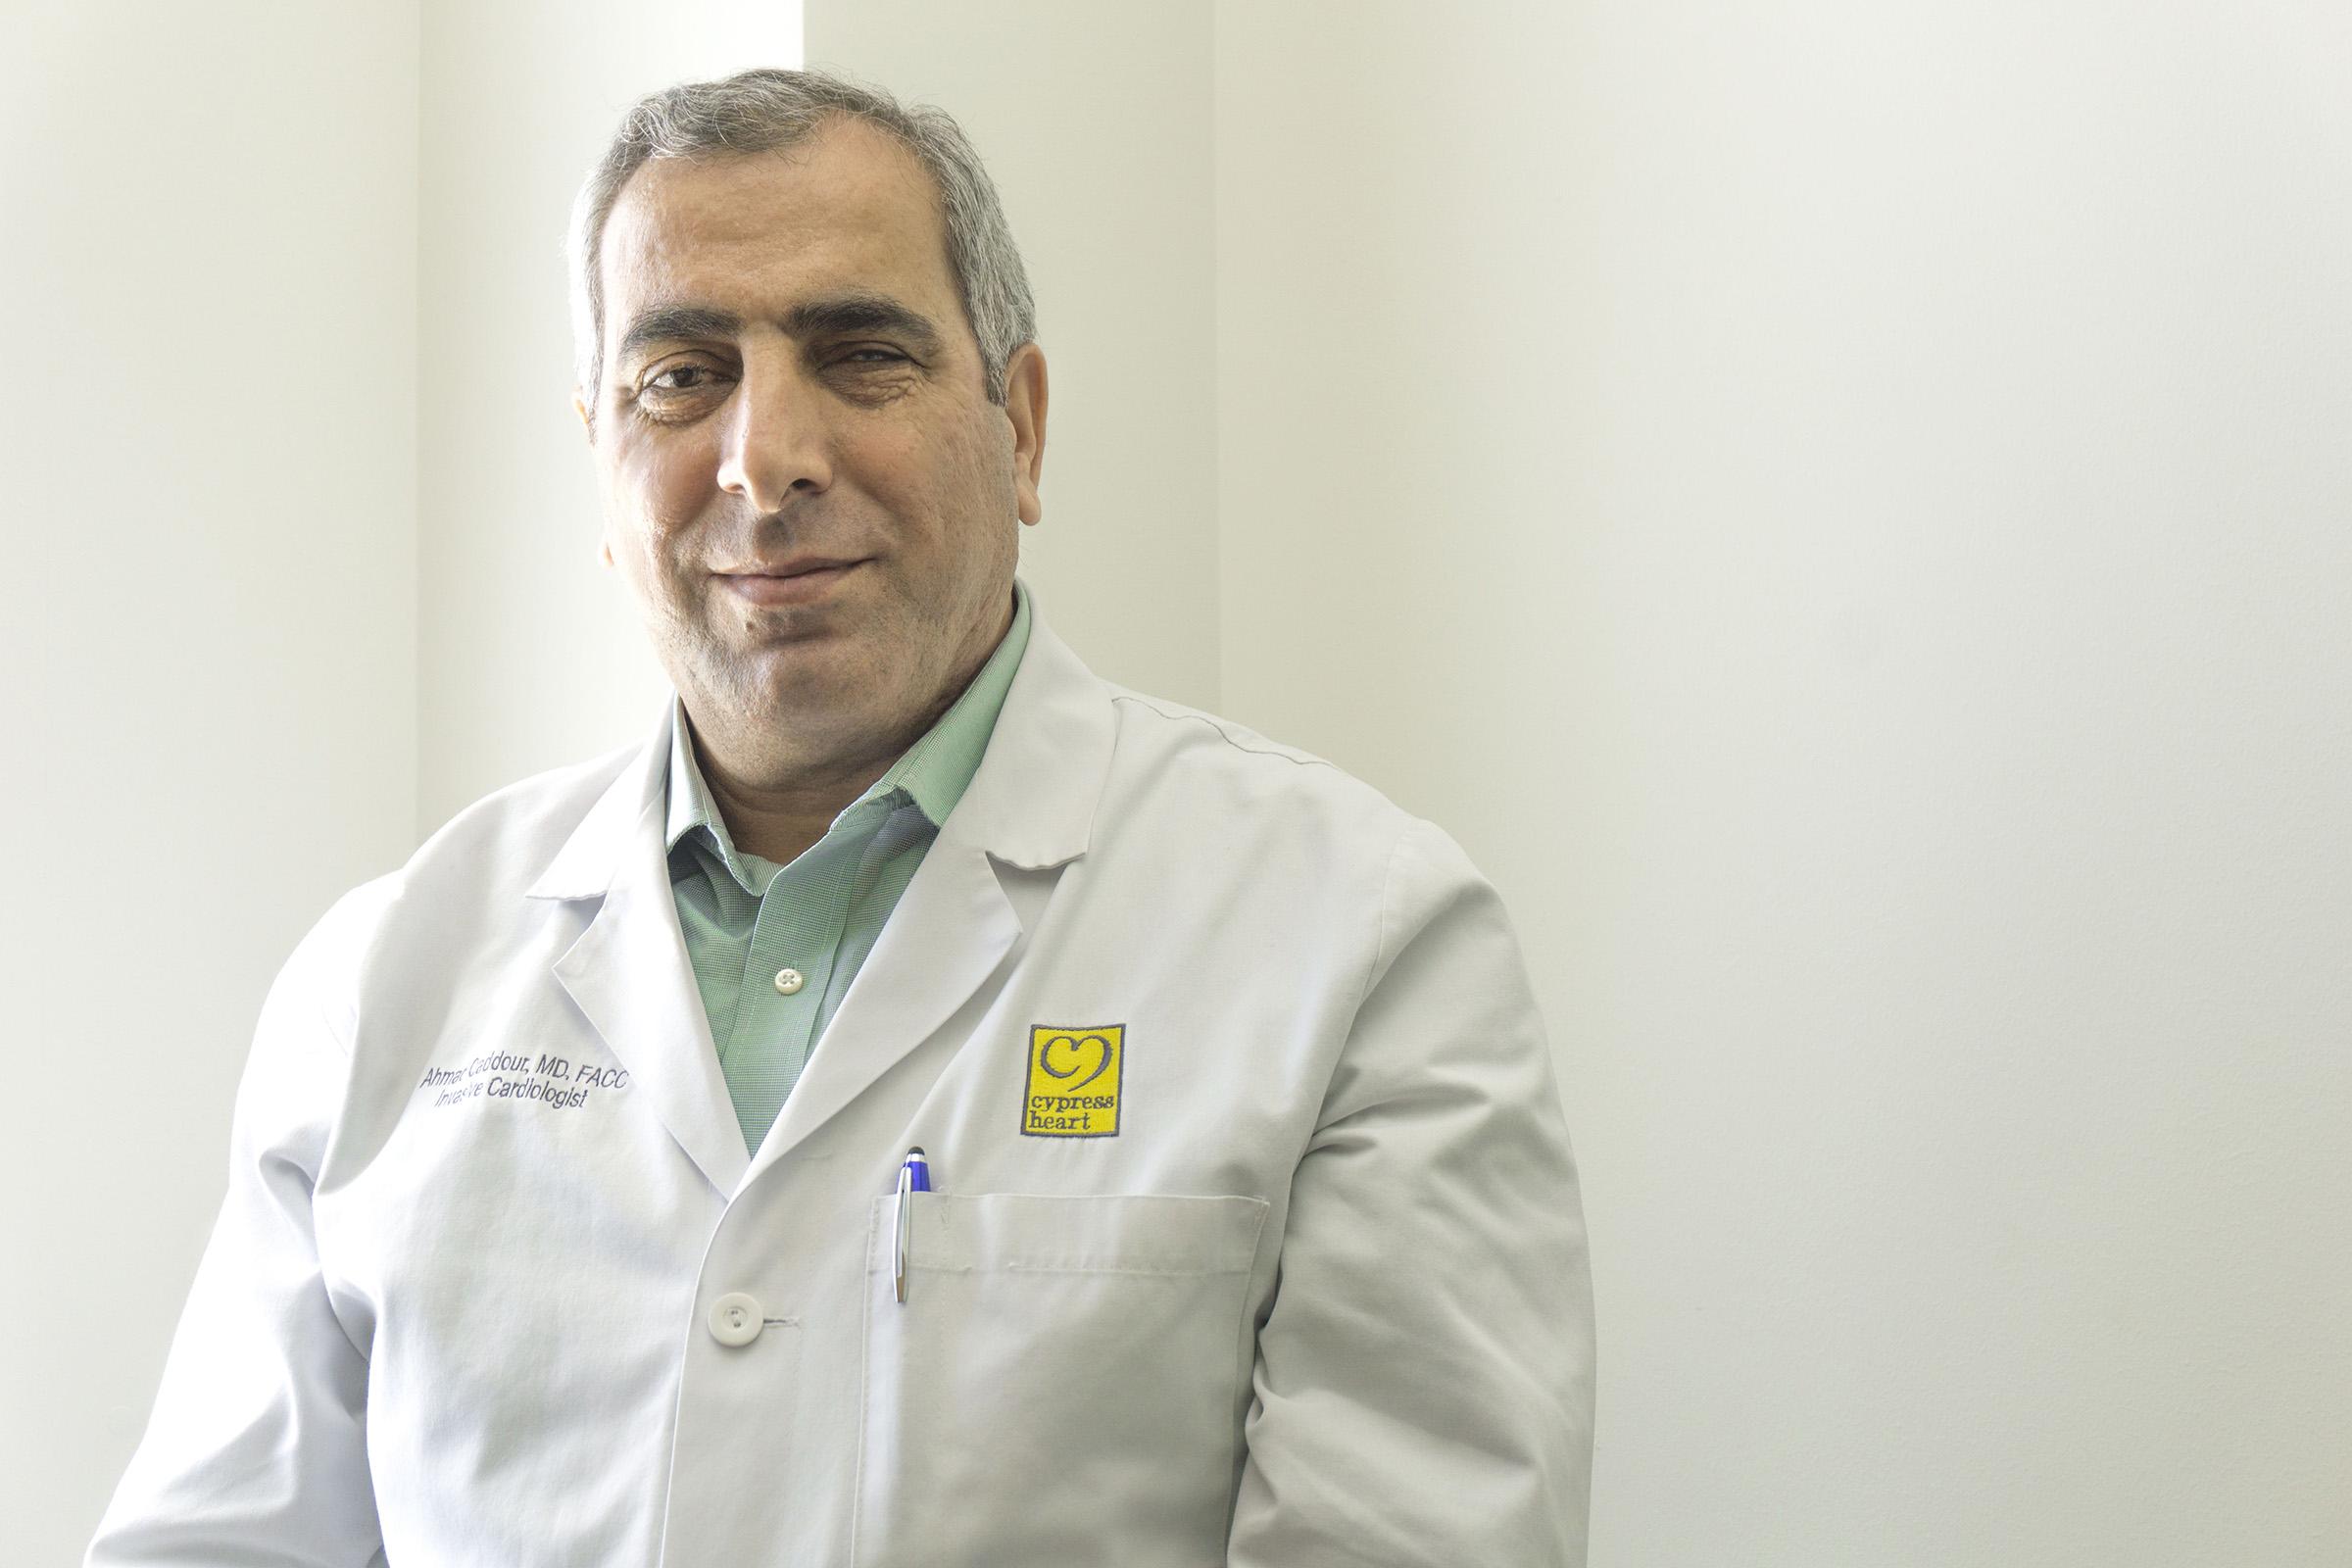 Ahmad Qaddour, MD